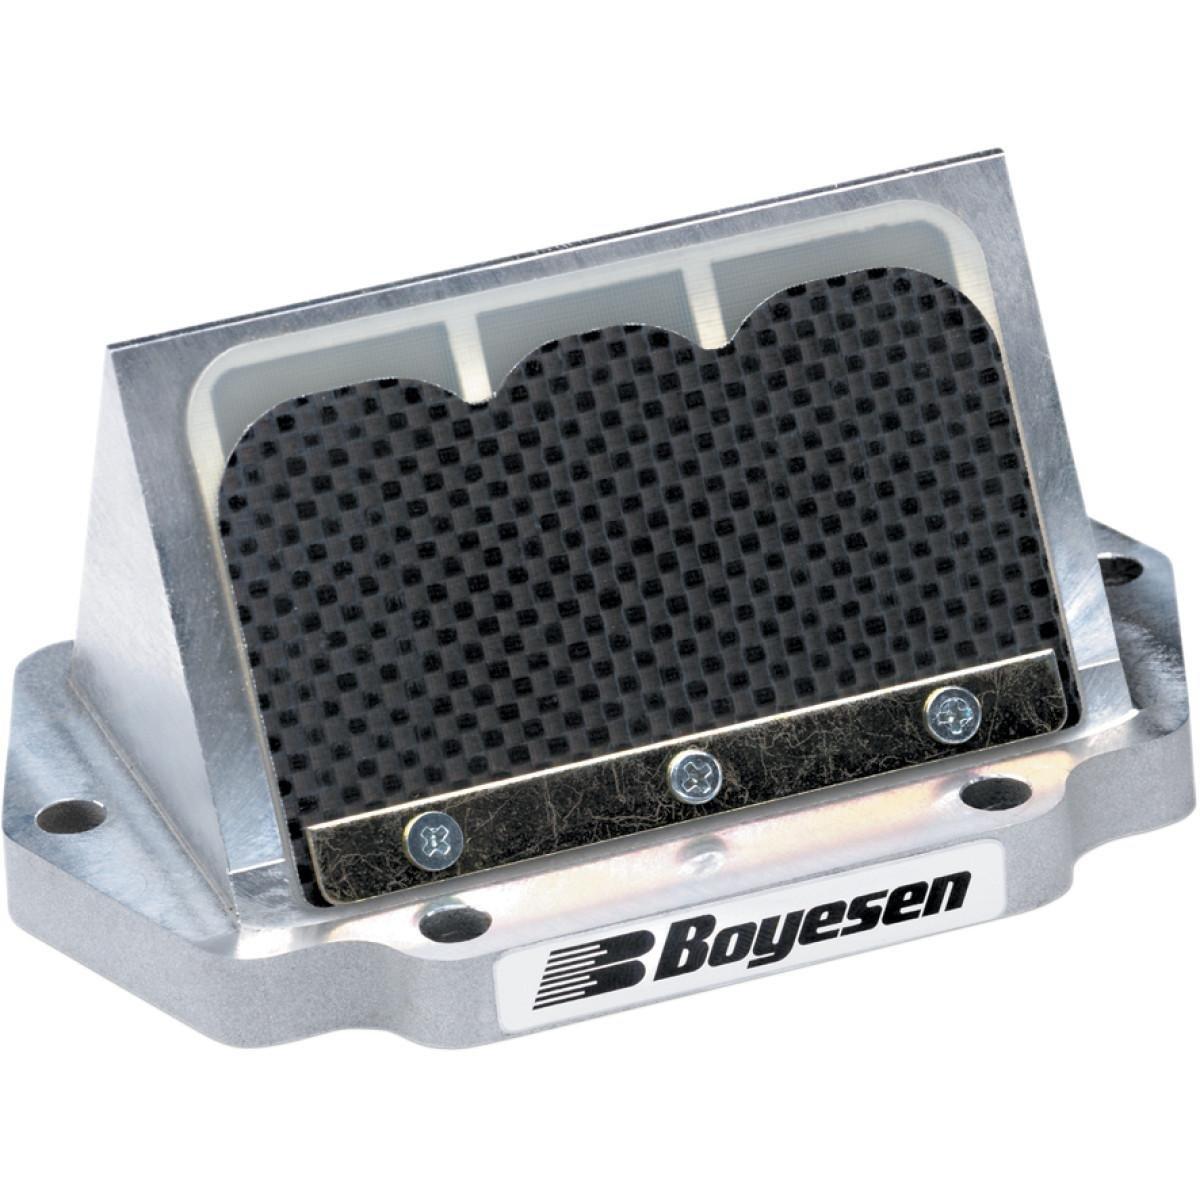 Boyesen Rage Cage RAD512